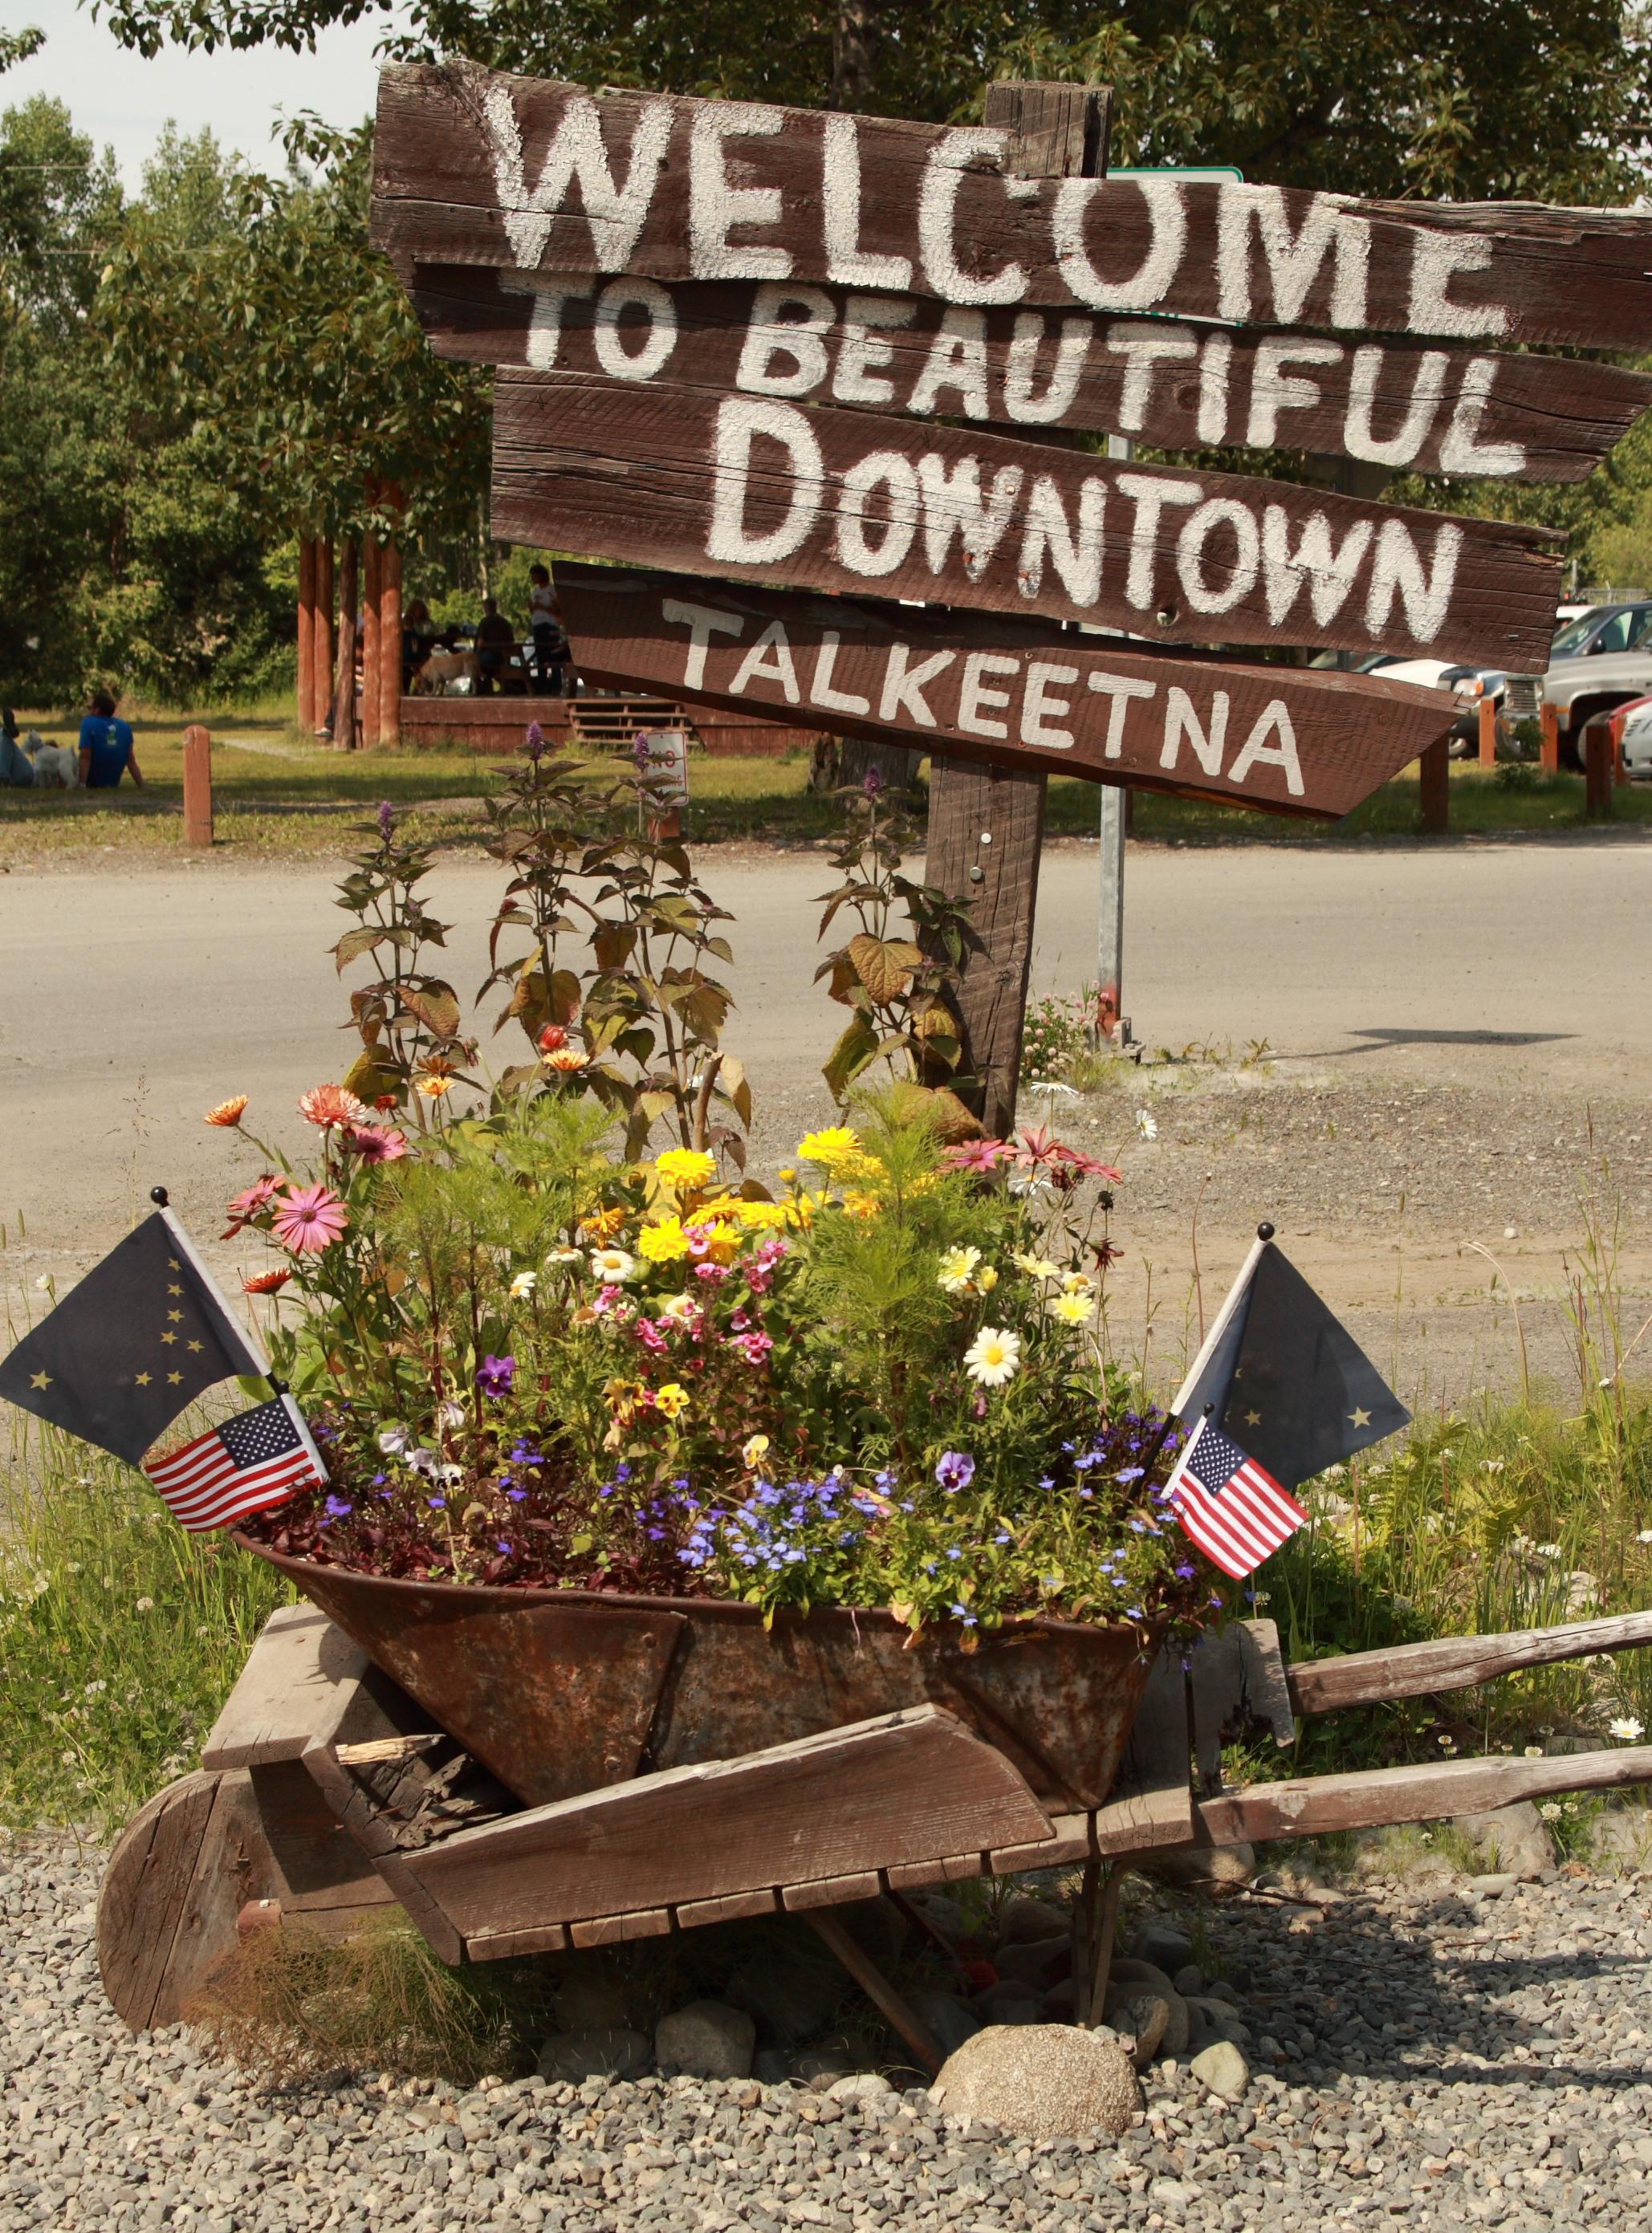 Alaska matanuska susitna county skwentna - Alaska Matanuska Susitna County Skwentna 70